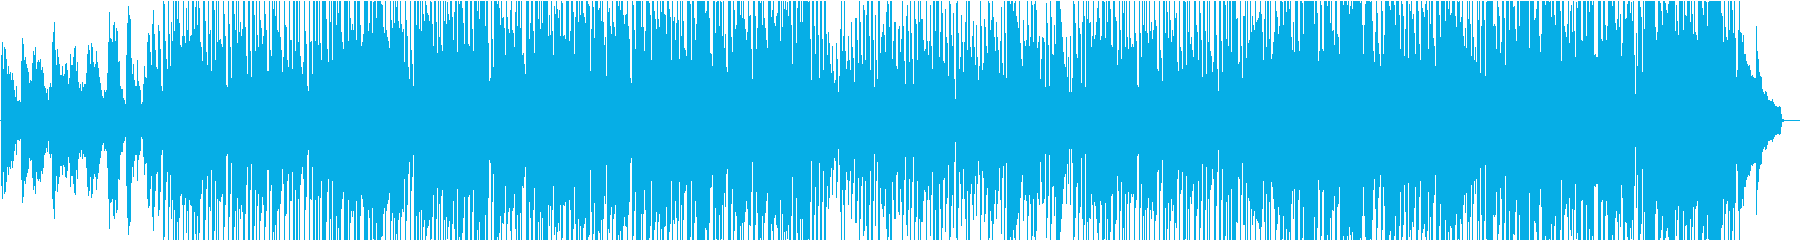 サックスとギターアドリブ満載のJazzの再生済みの波形